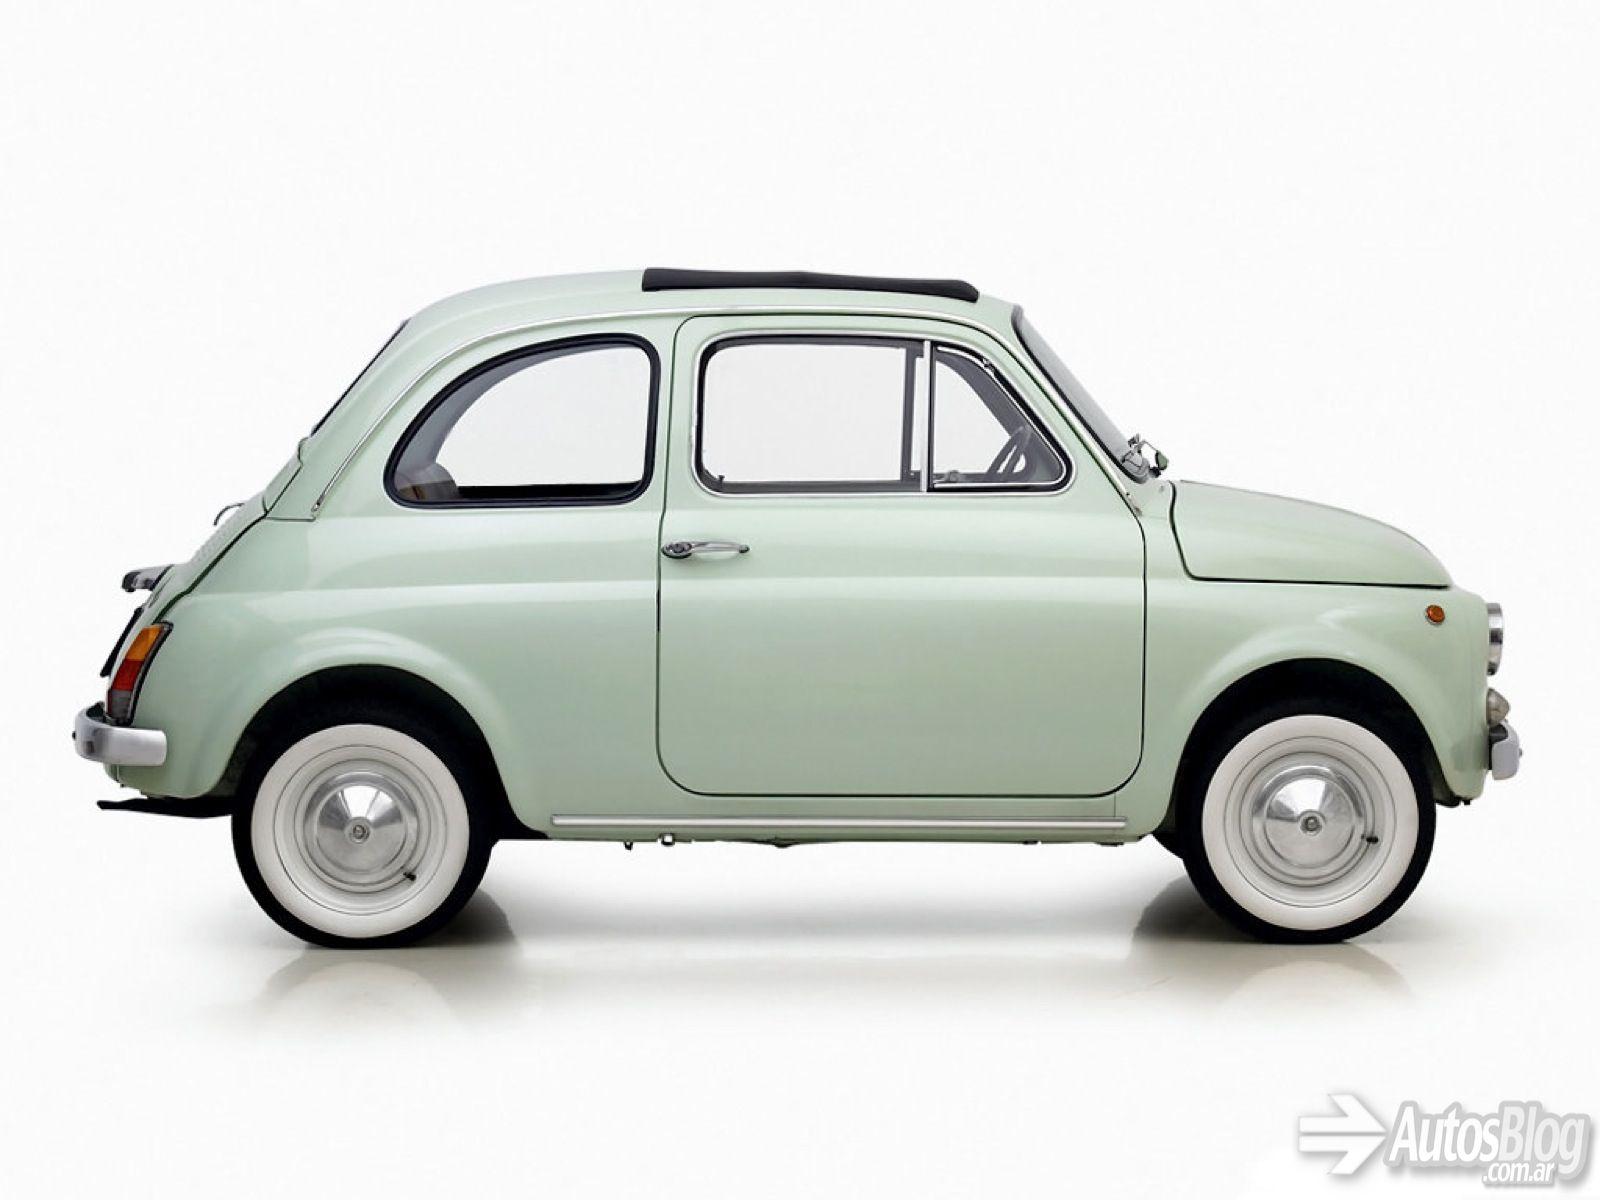 Fiat Nuova 500 F Berlina 1965 04 Jpg Jpeg Image 1600 1200